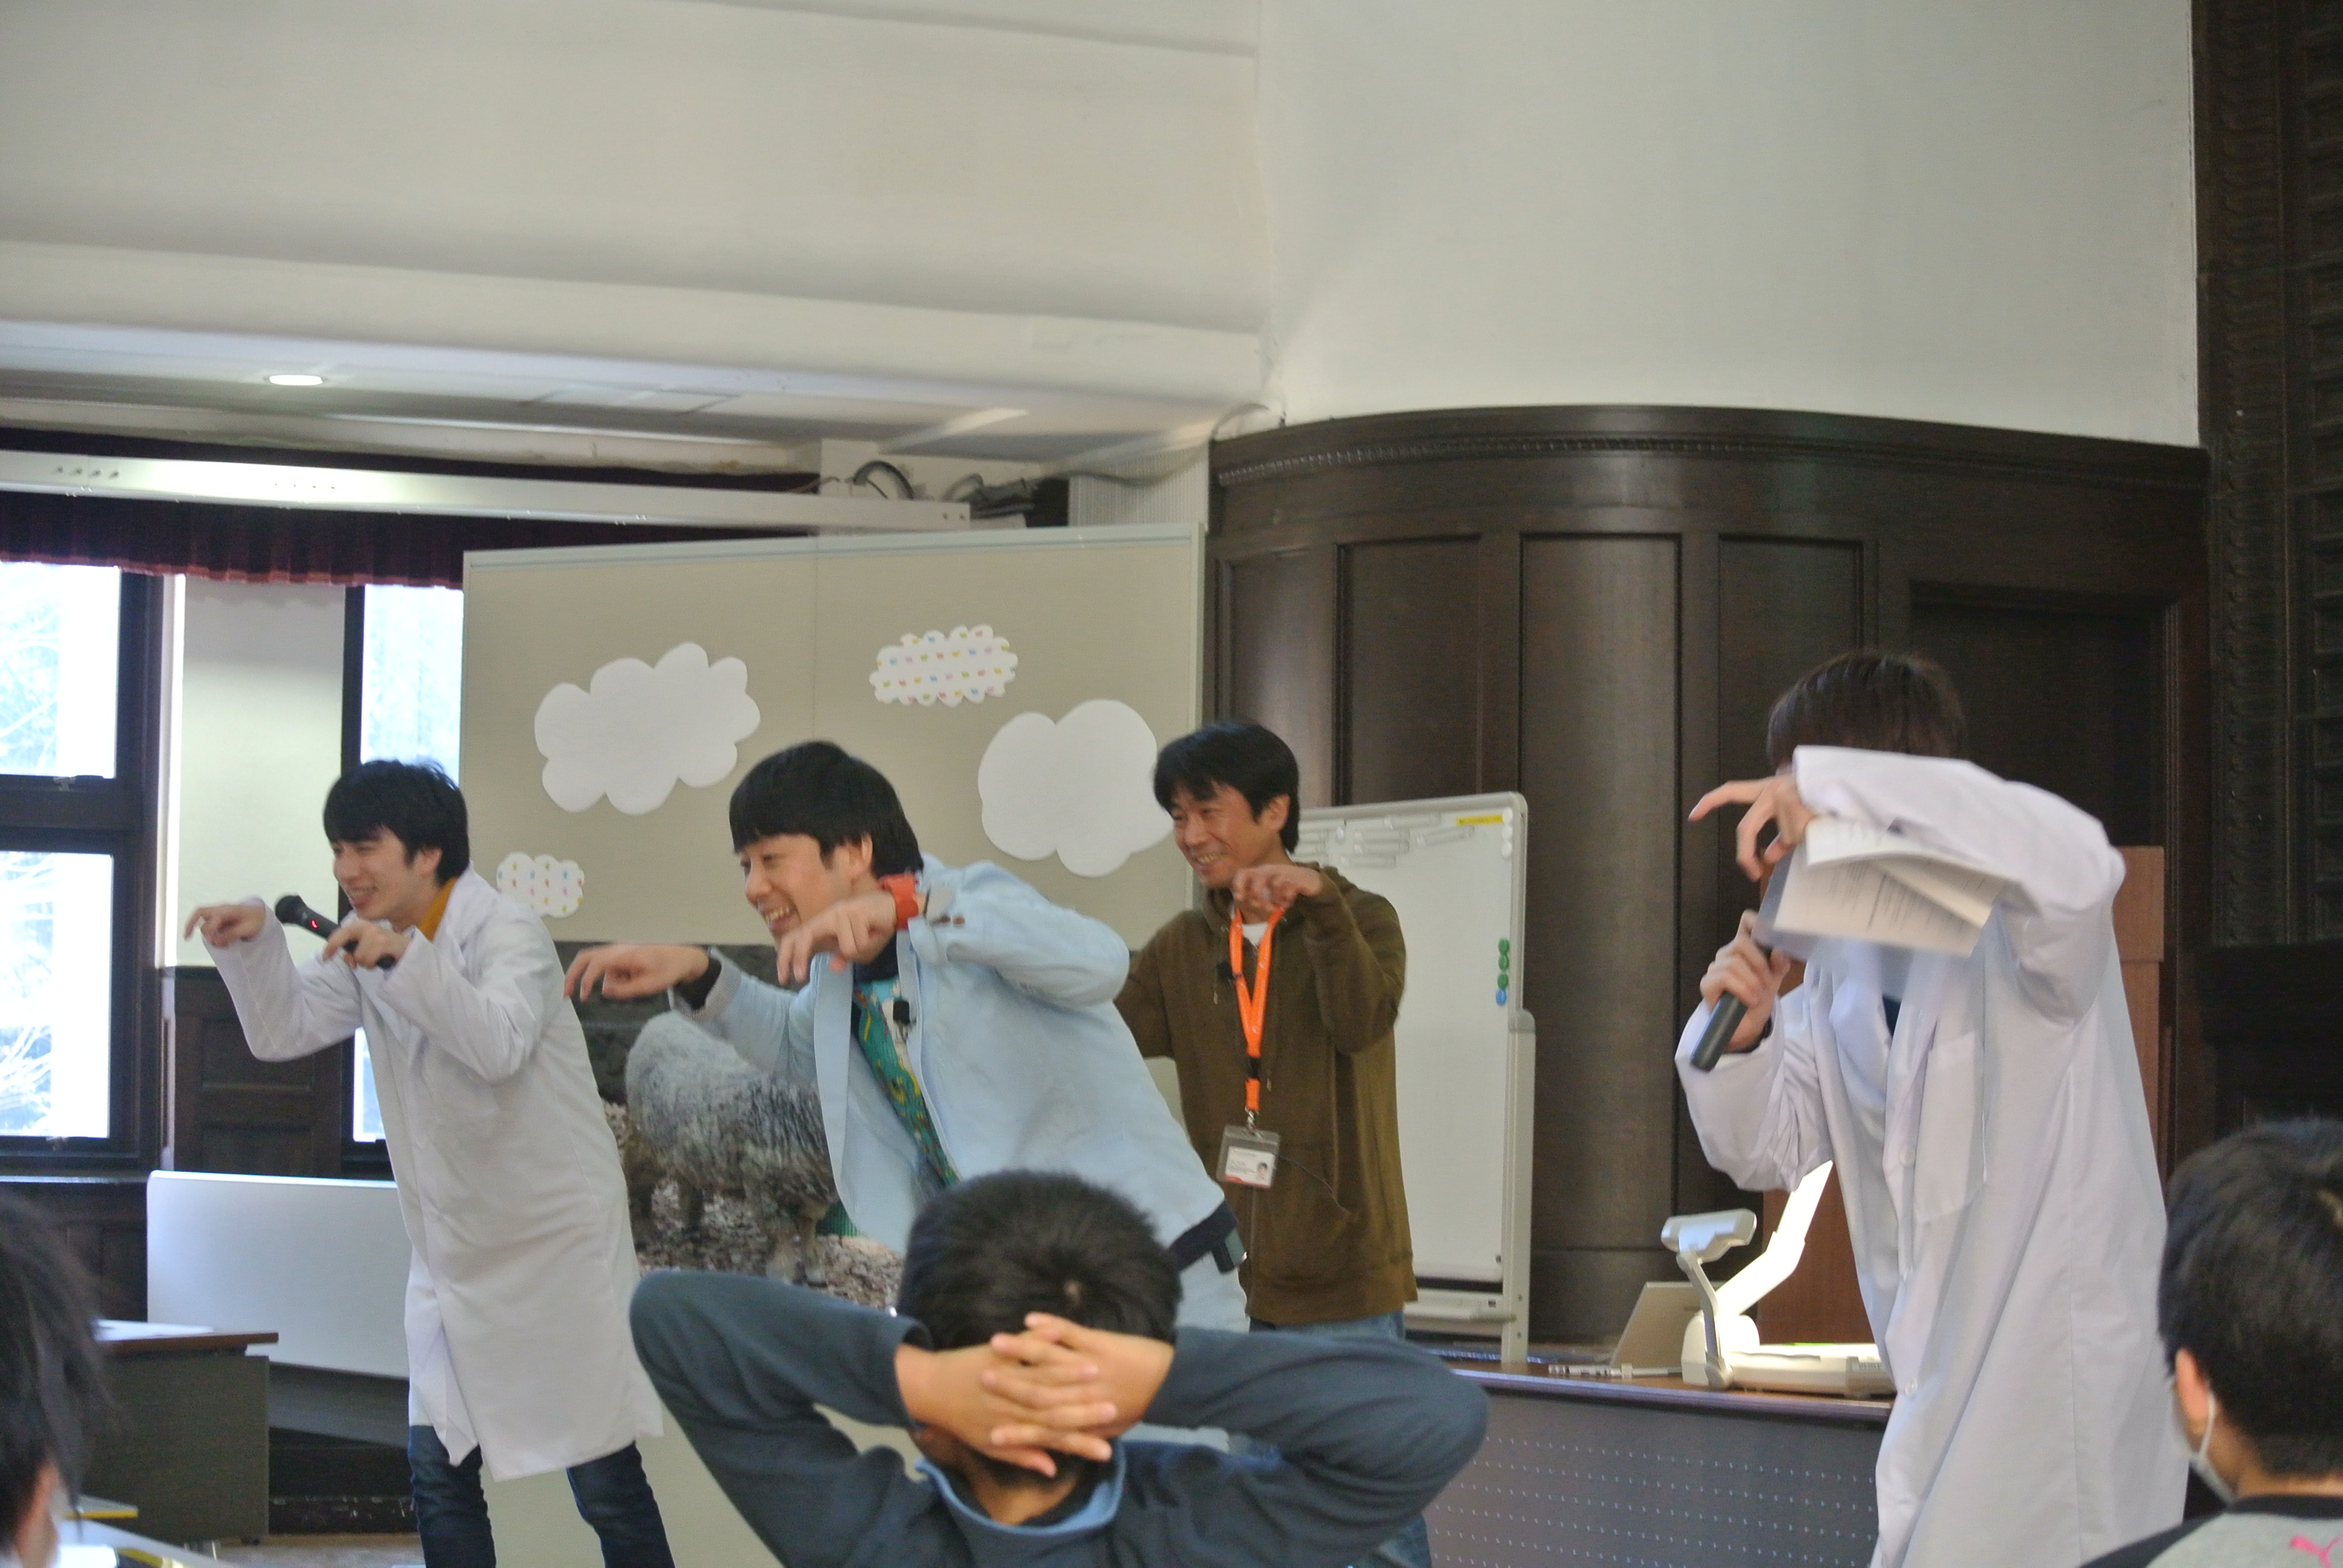 http://news.yoshimoto.co.jp/photos/uncategorized/2014/12/30/20141230184954-043750348d5ec21f6ed69e16091339b0ef6f11e3.jpg